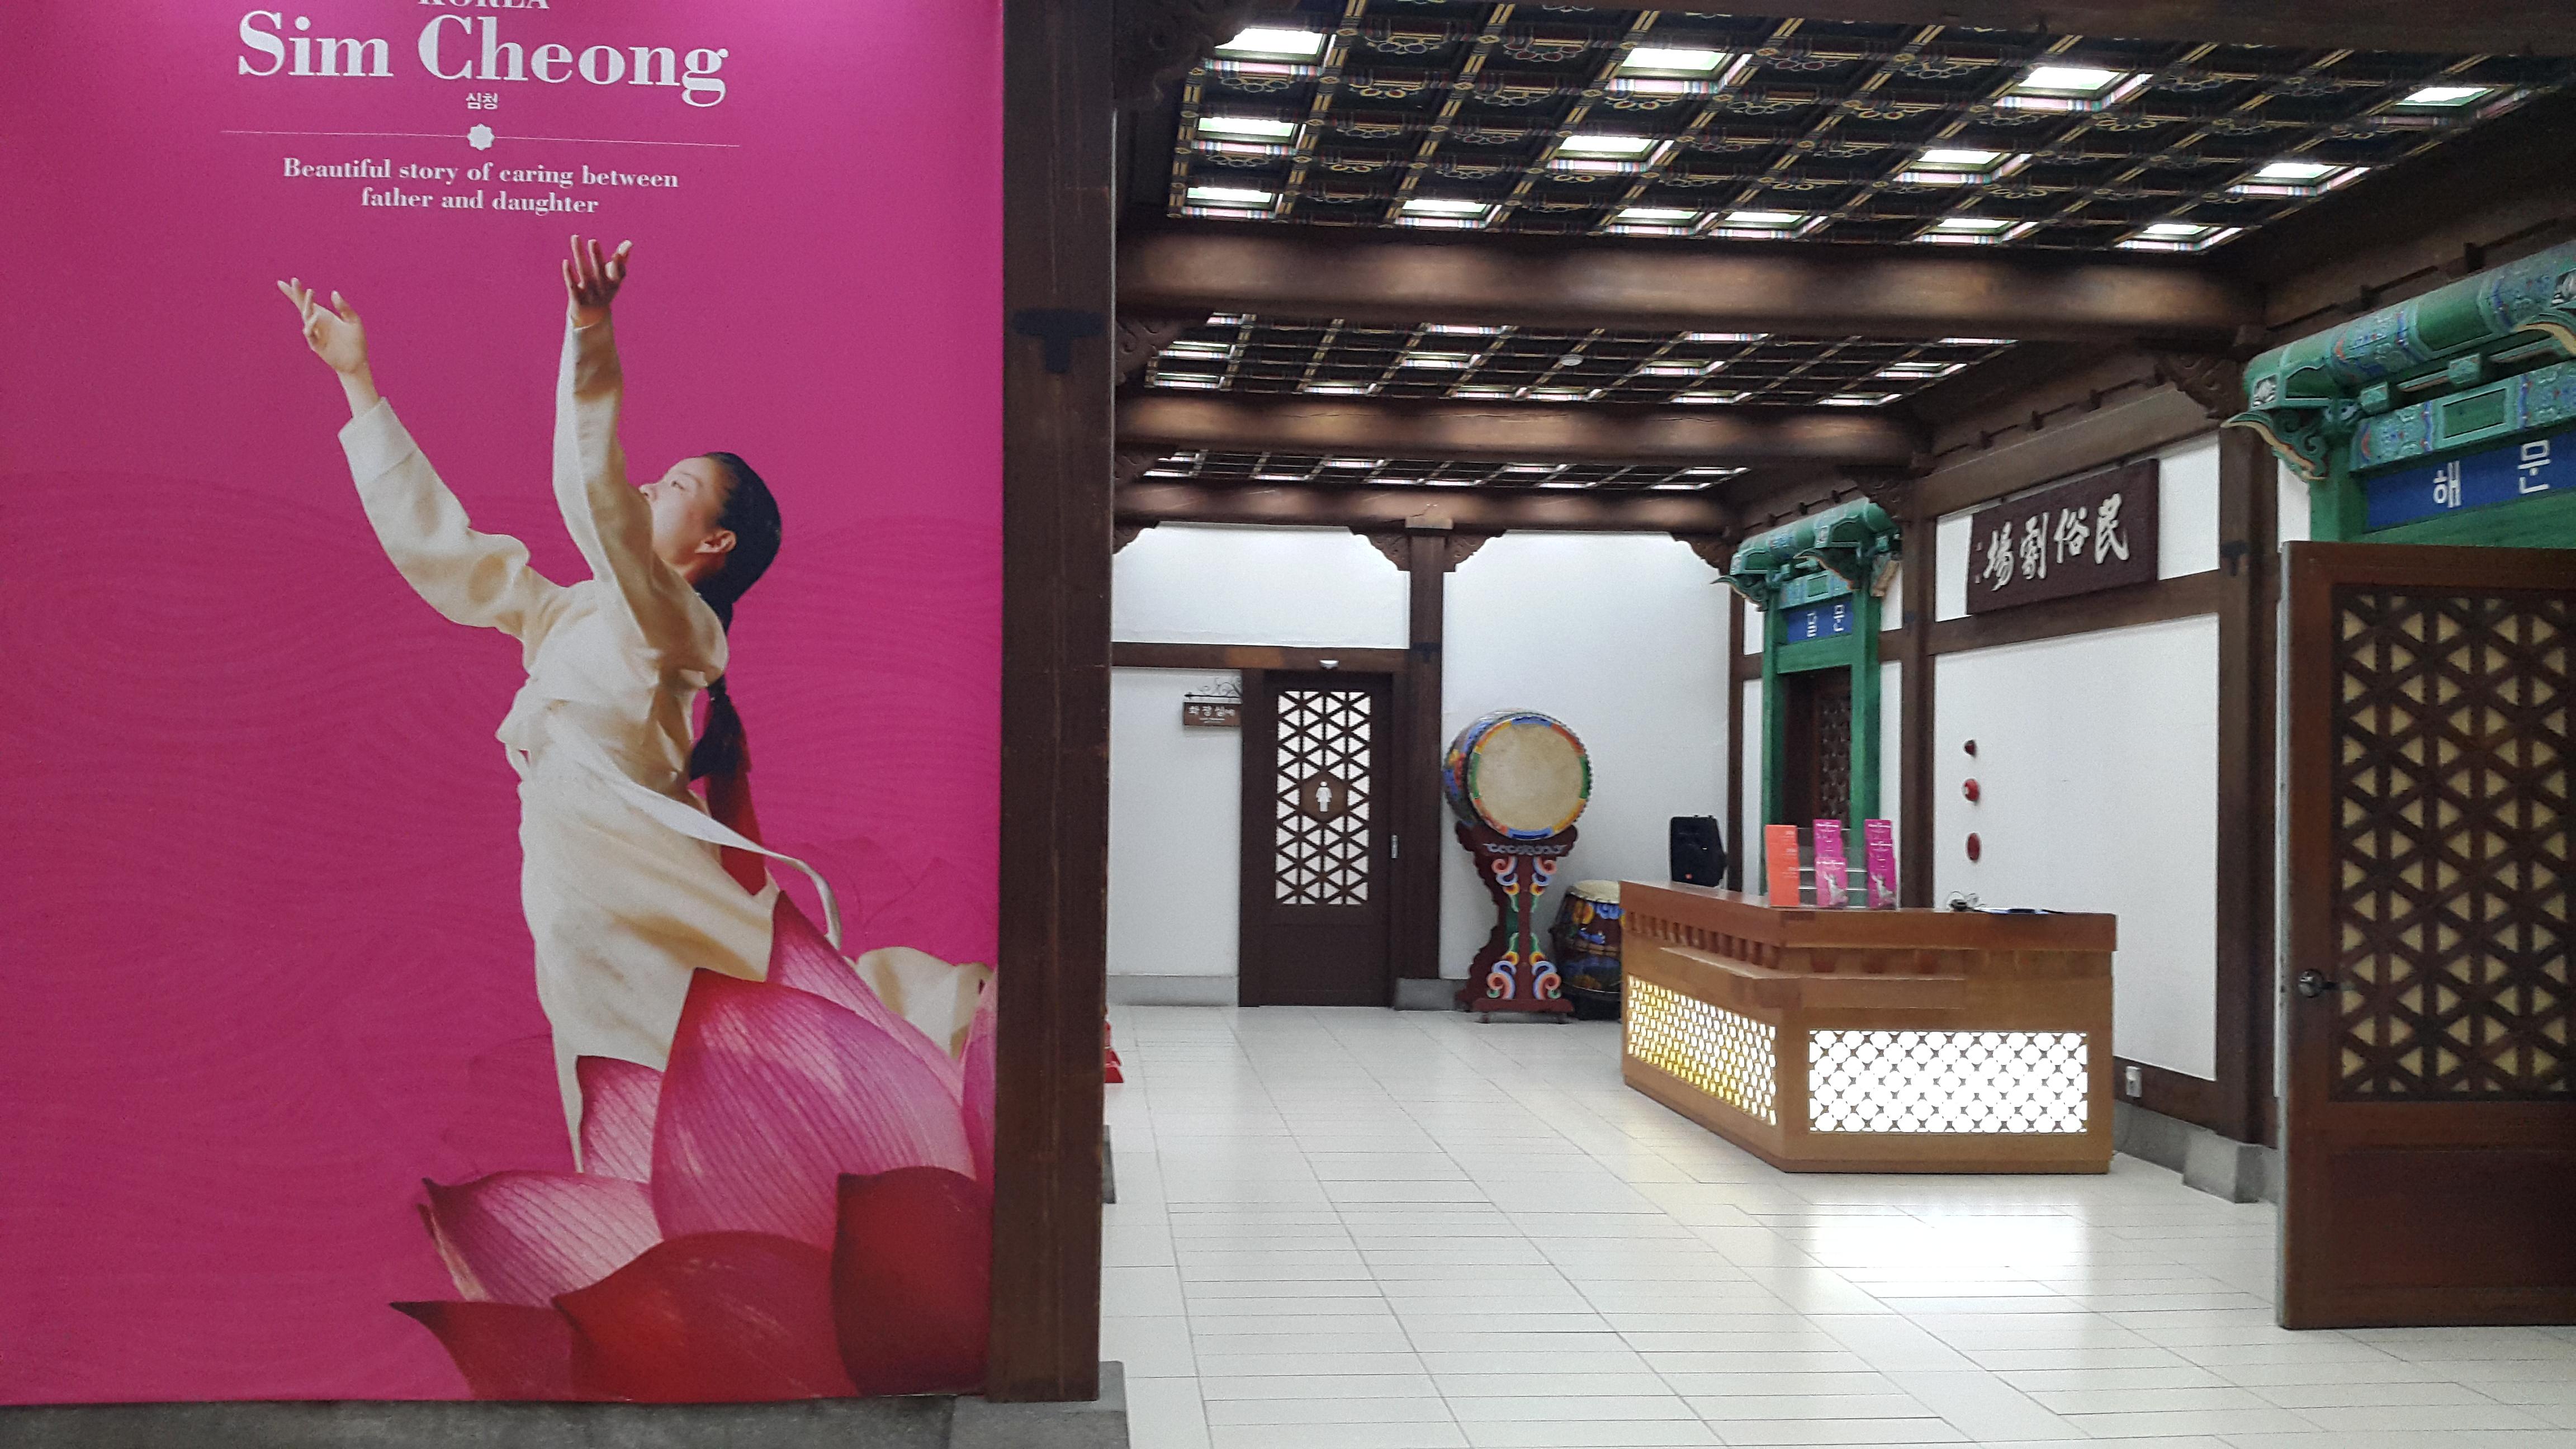 SimCheong